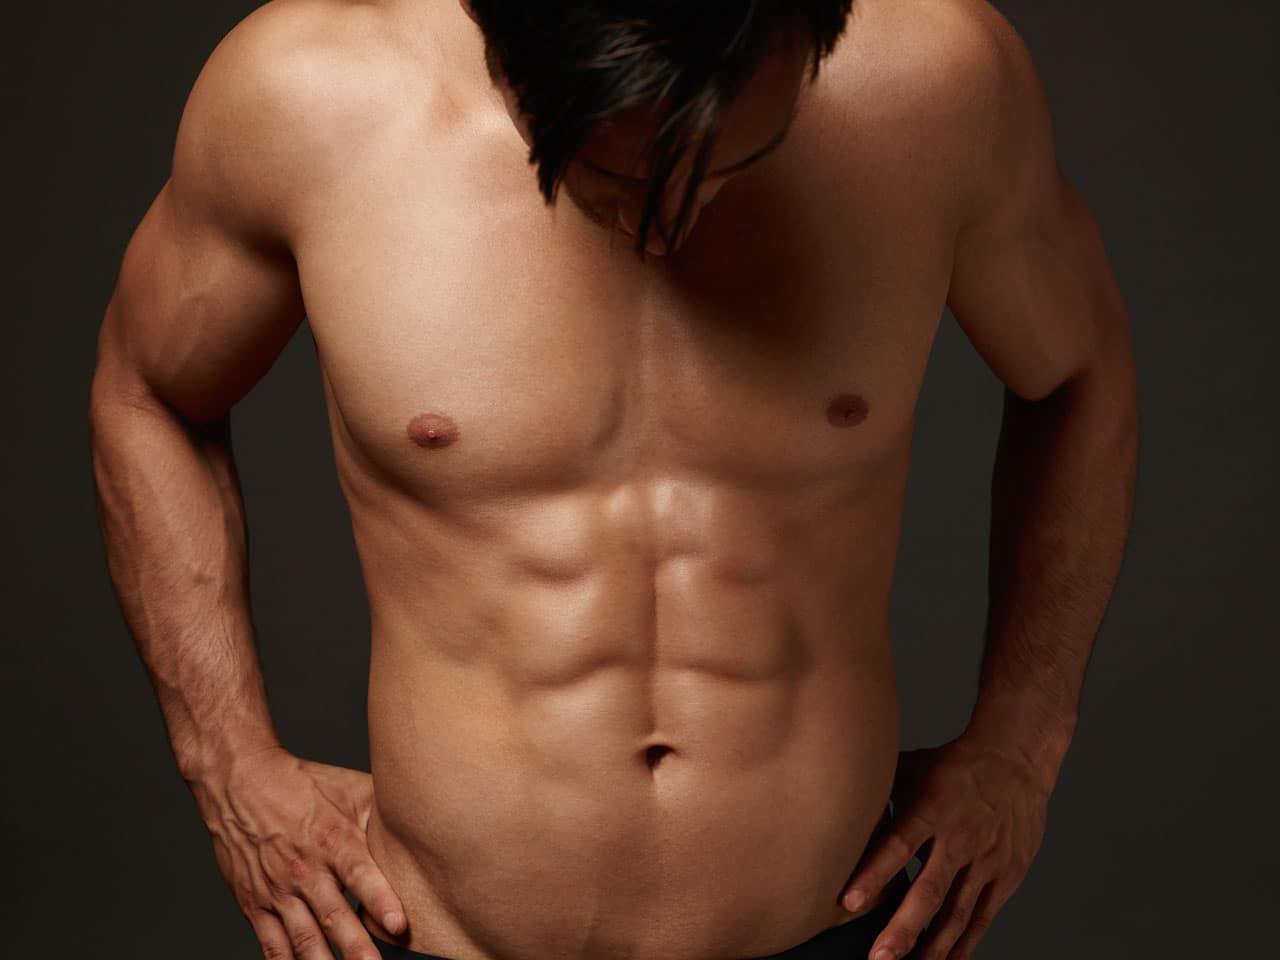 Comment faire des exercices abdominaux lorsque vous avez mal au dos?